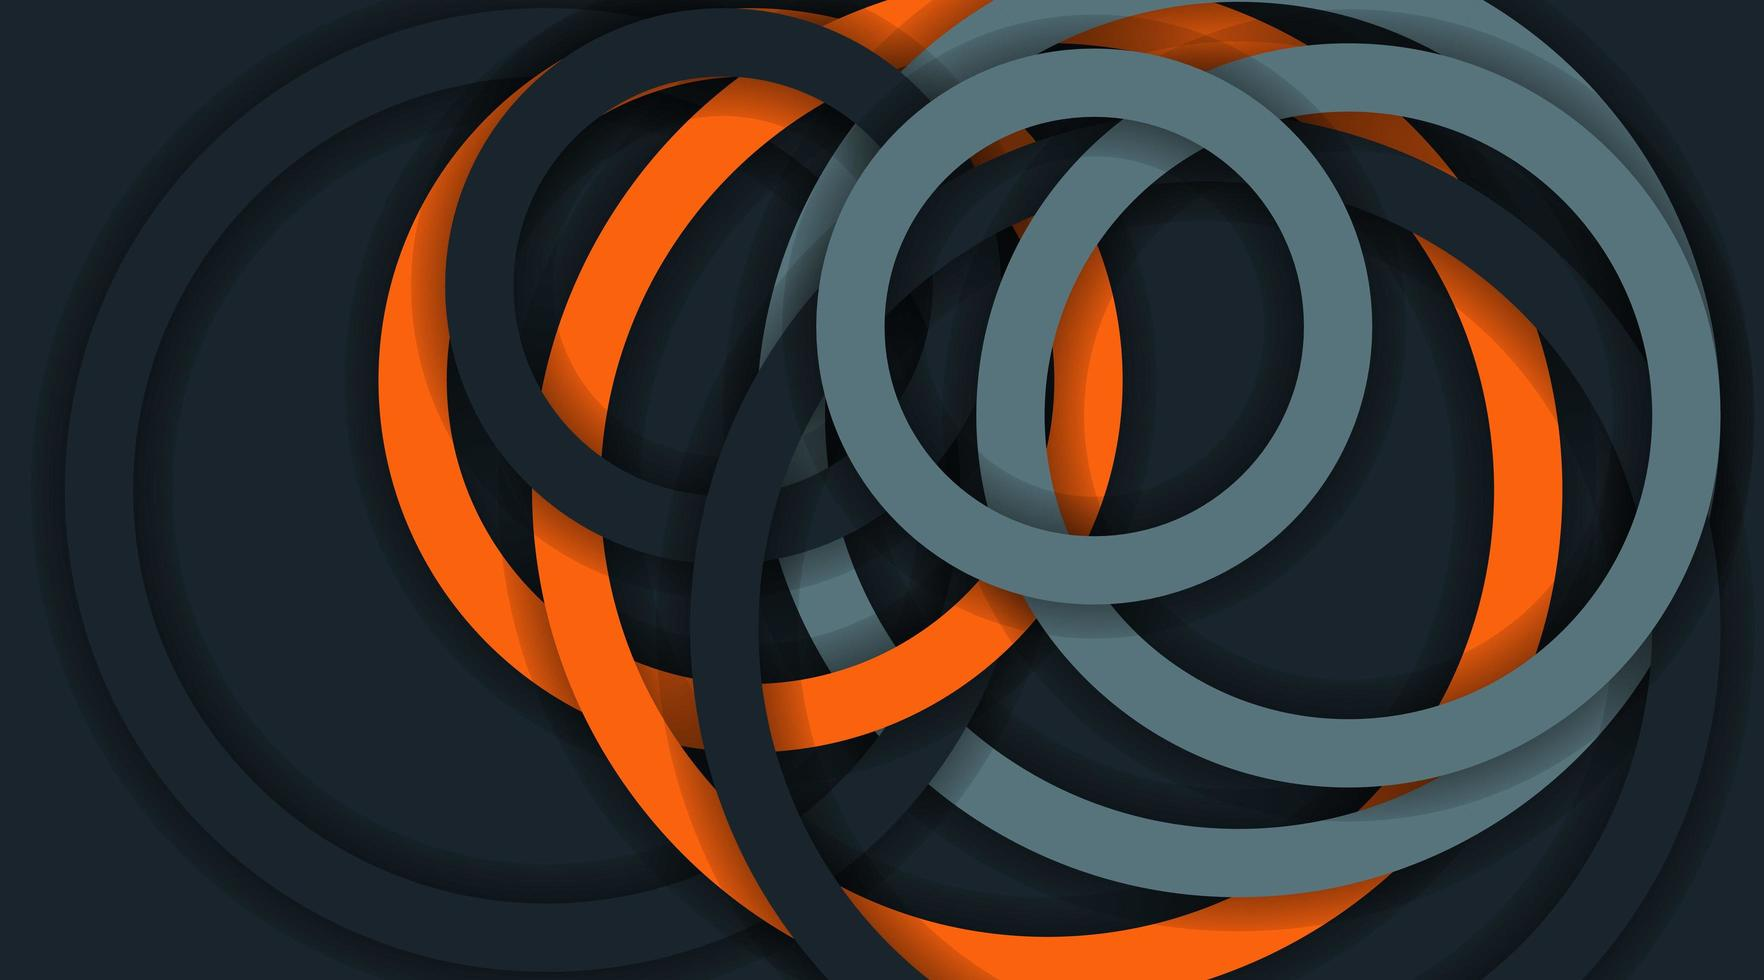 fond de vecteur avec des lignes de cercle empilées. illustration de conception